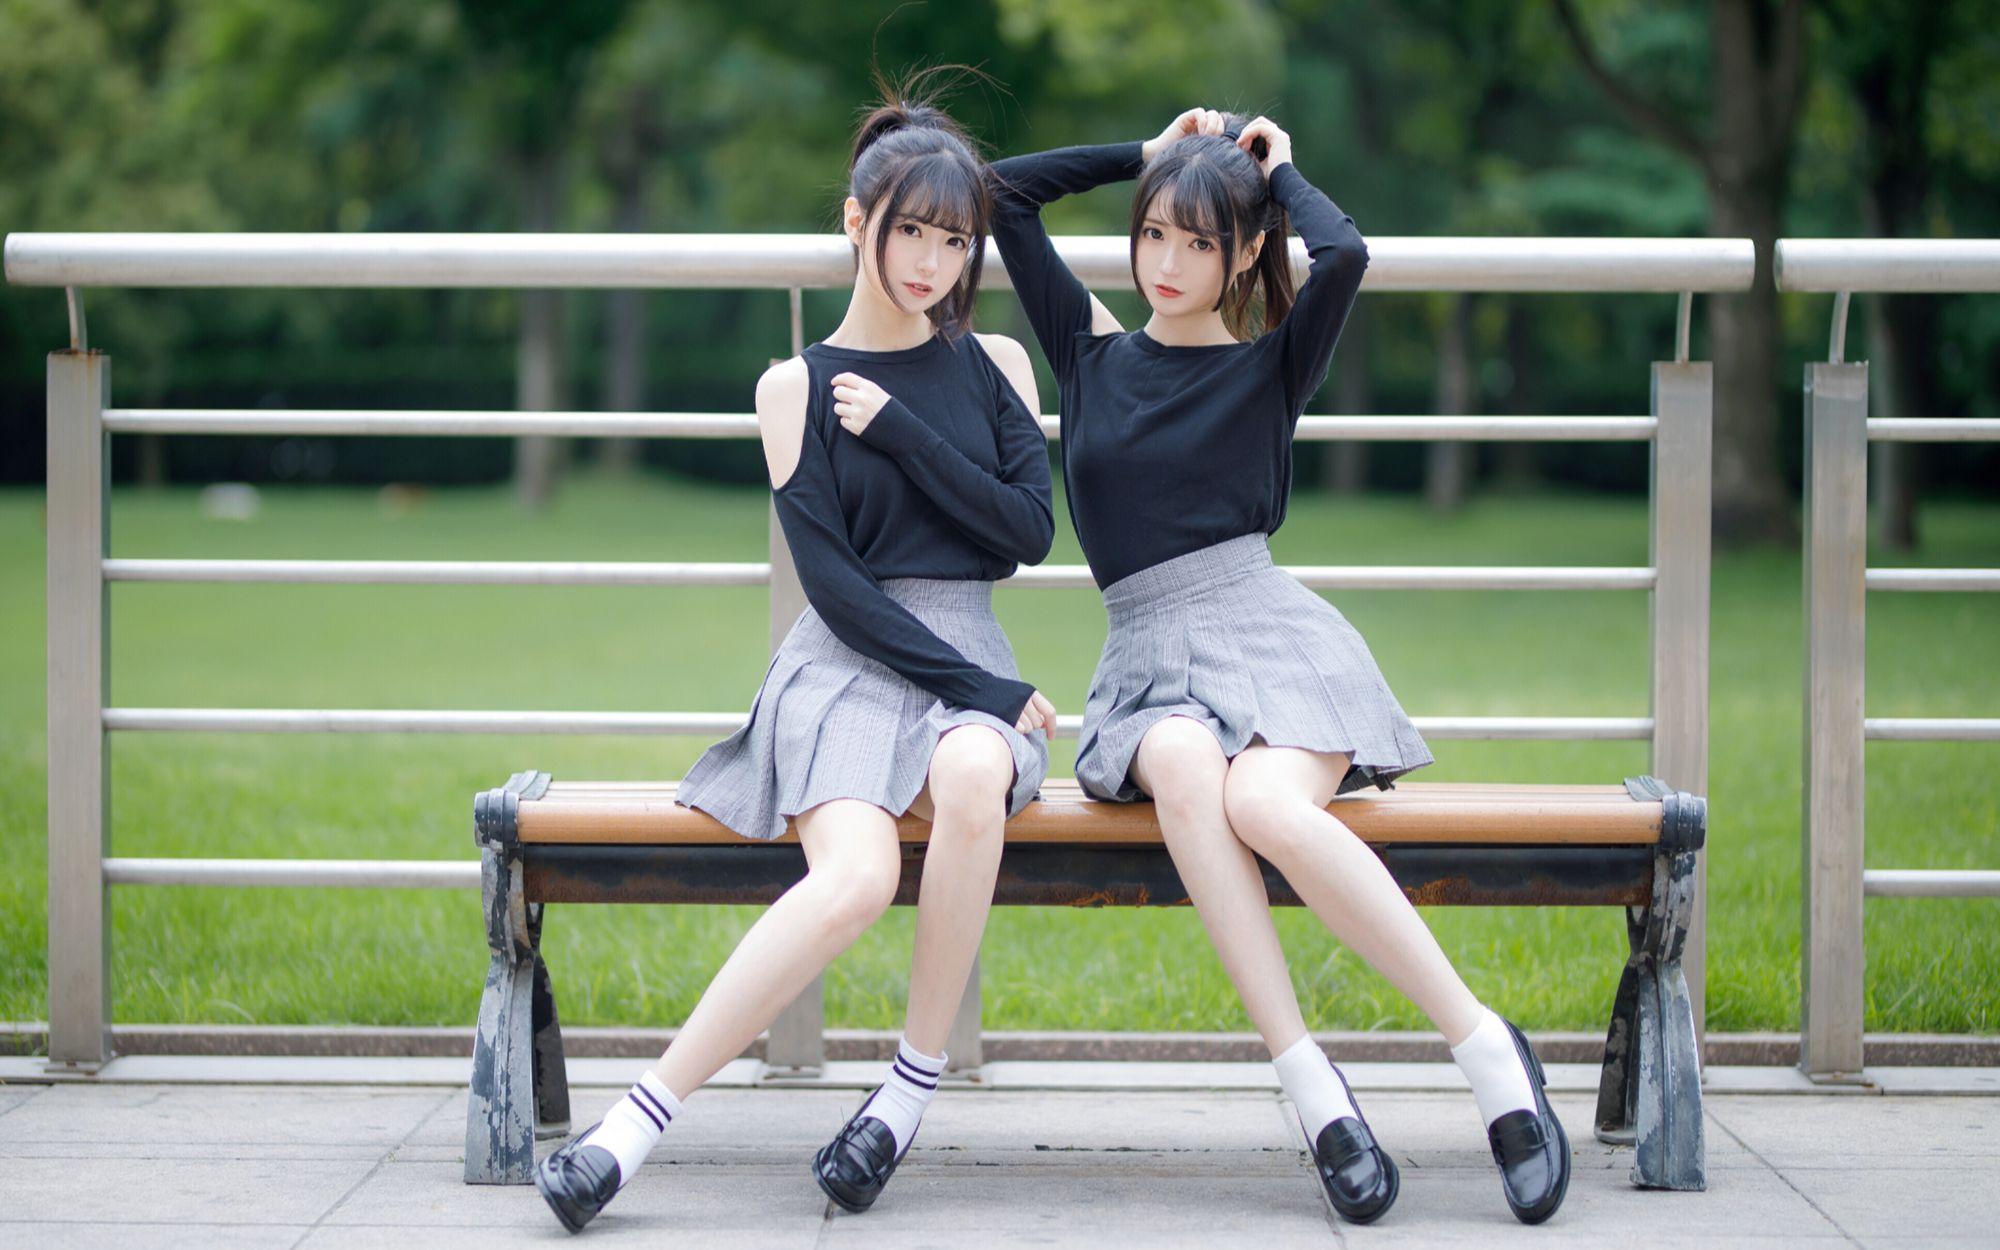 【呜哝x奶果】小鹿乱撞(清纯双胞胎跳舞)